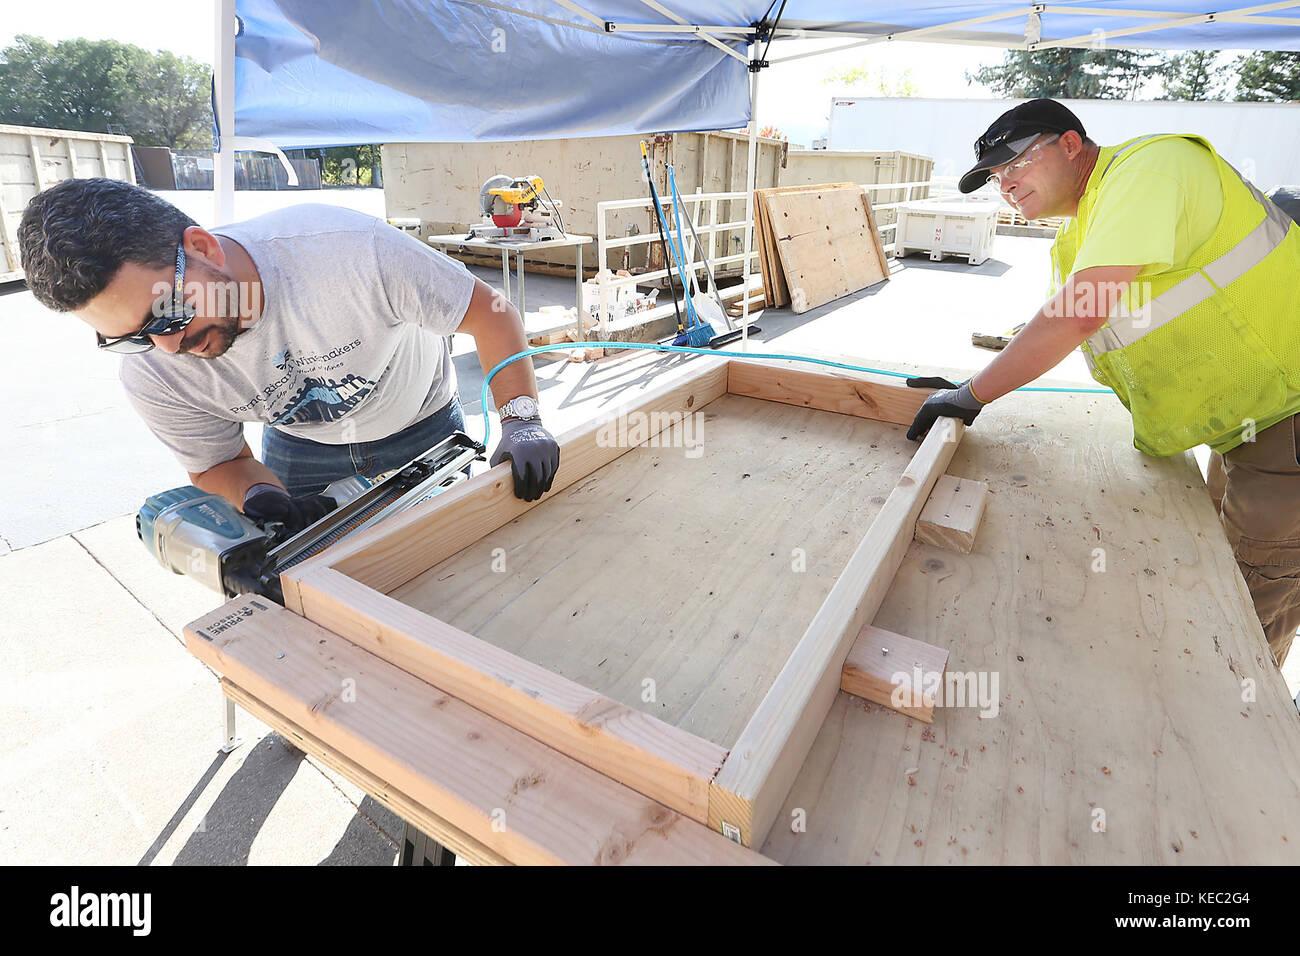 Diego Technician Stockfotos & Diego Technician Bilder - Alamy